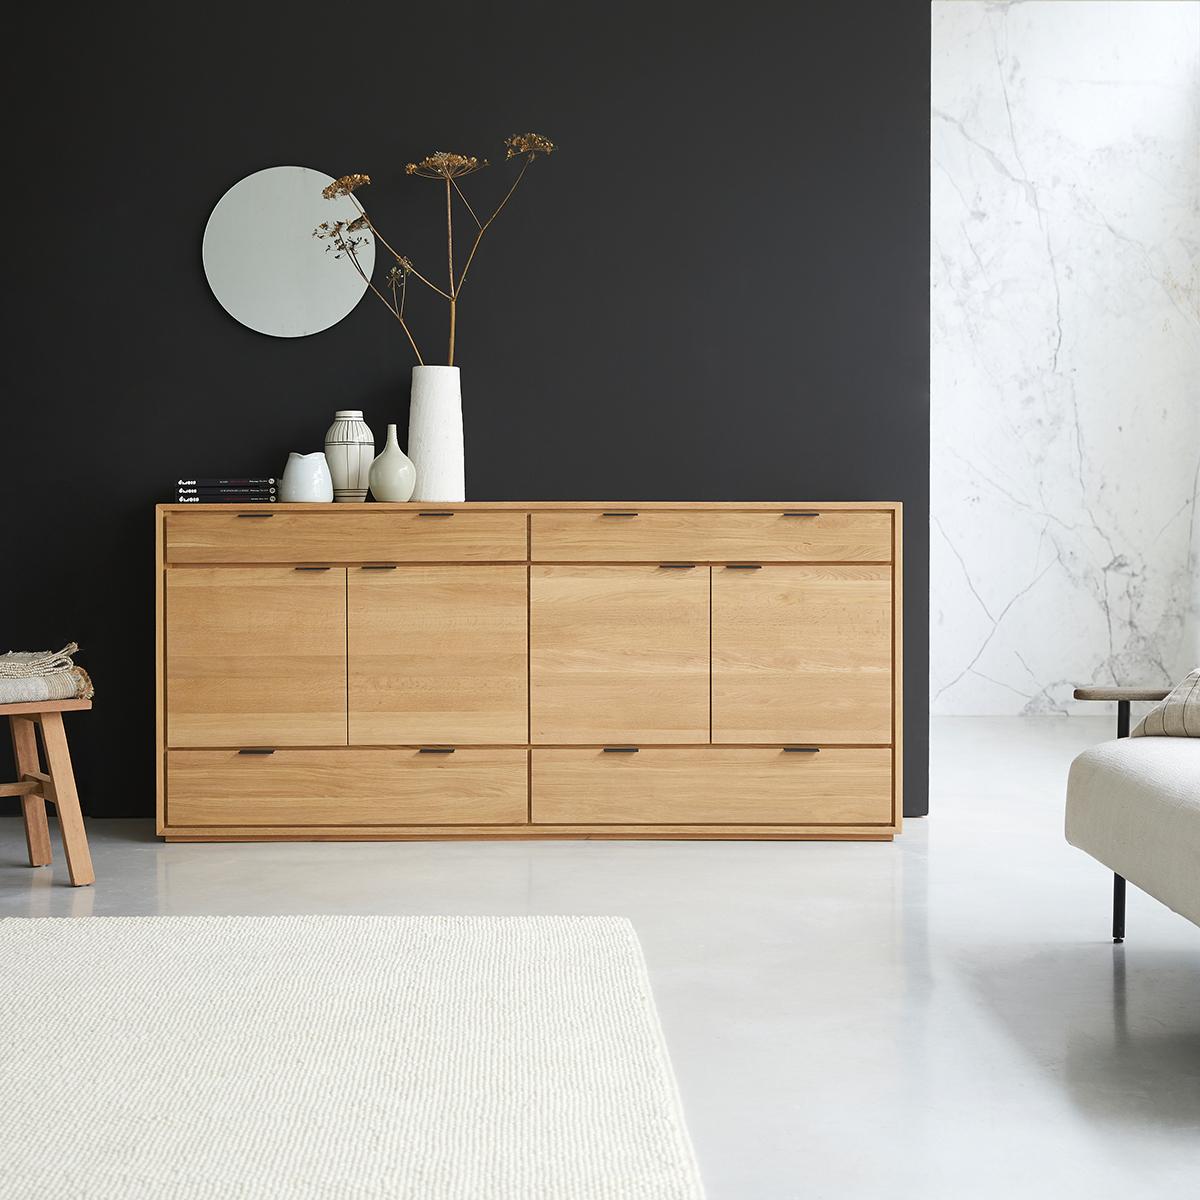 Senson solid oak Sideboard 200 cm